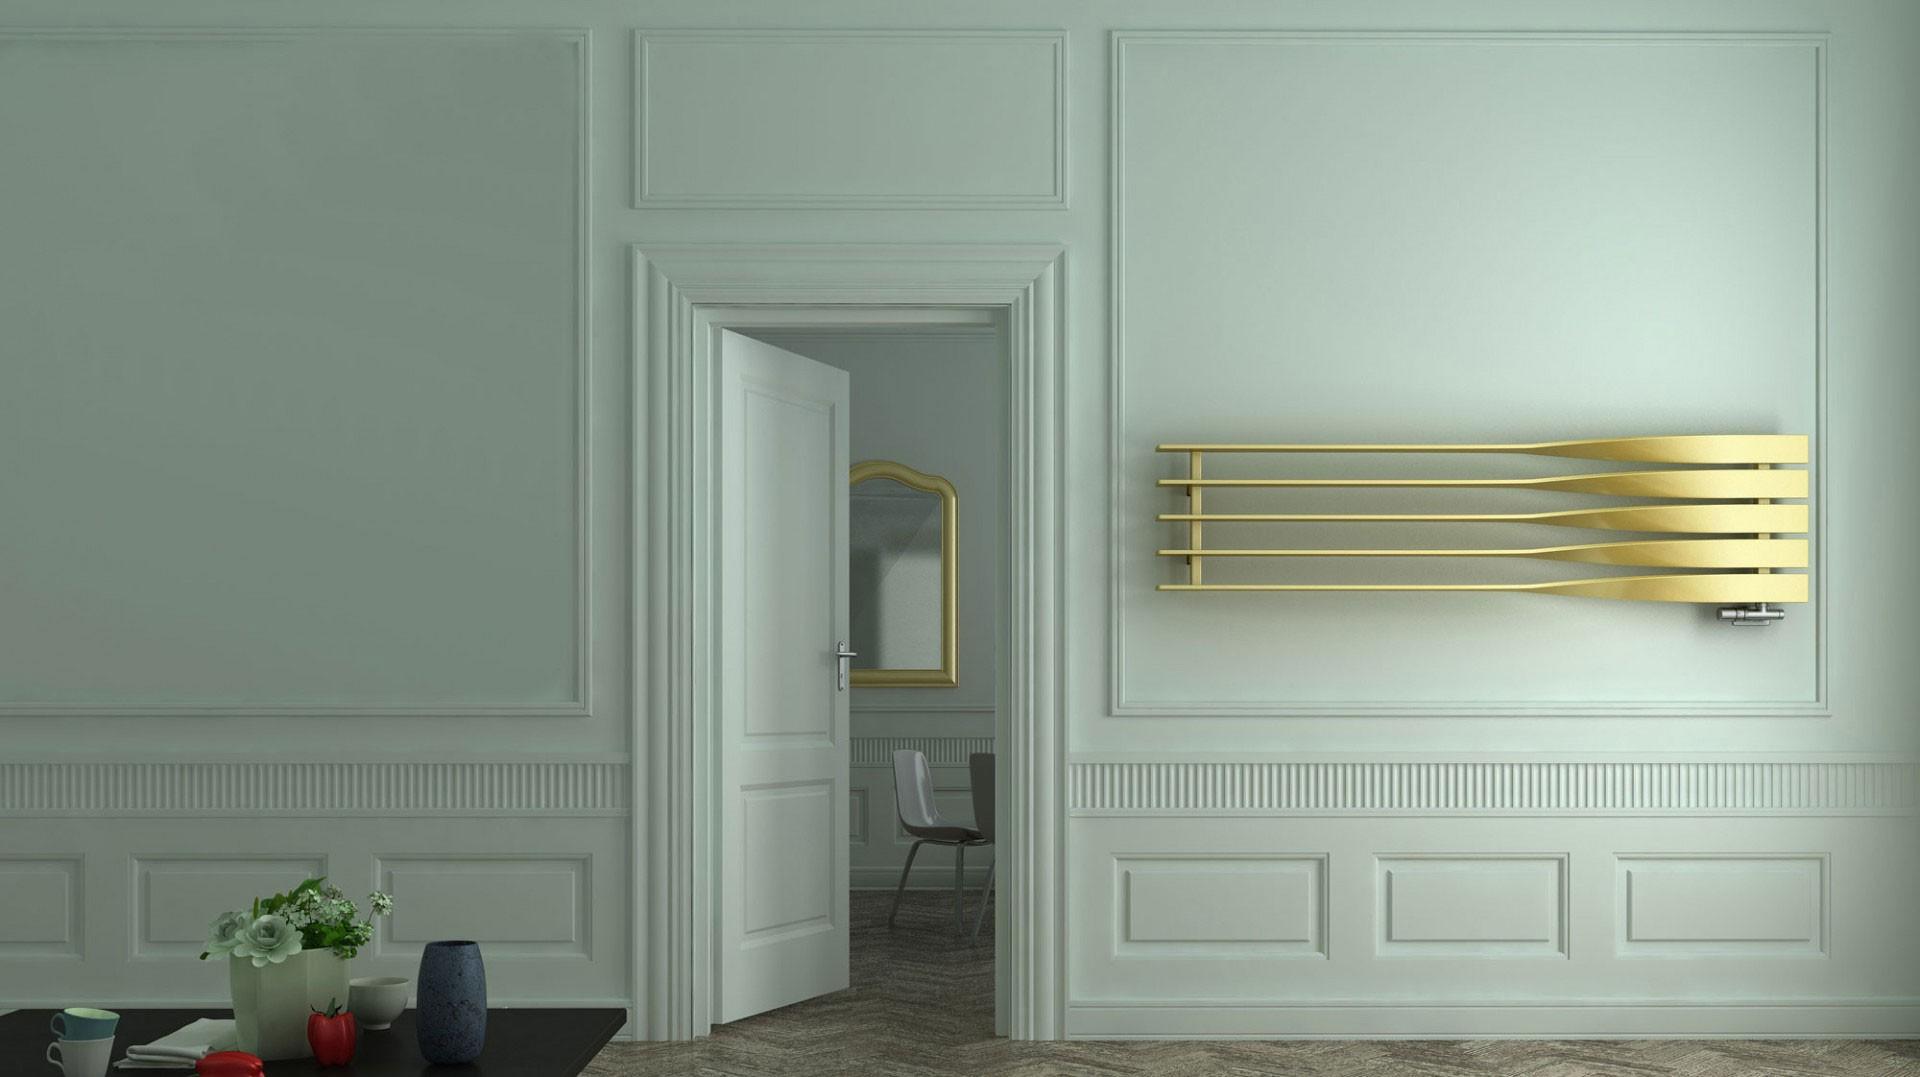 Design Röhrenheizkörper, Wohnraumheizkörper Terma Cyklon H horizontal